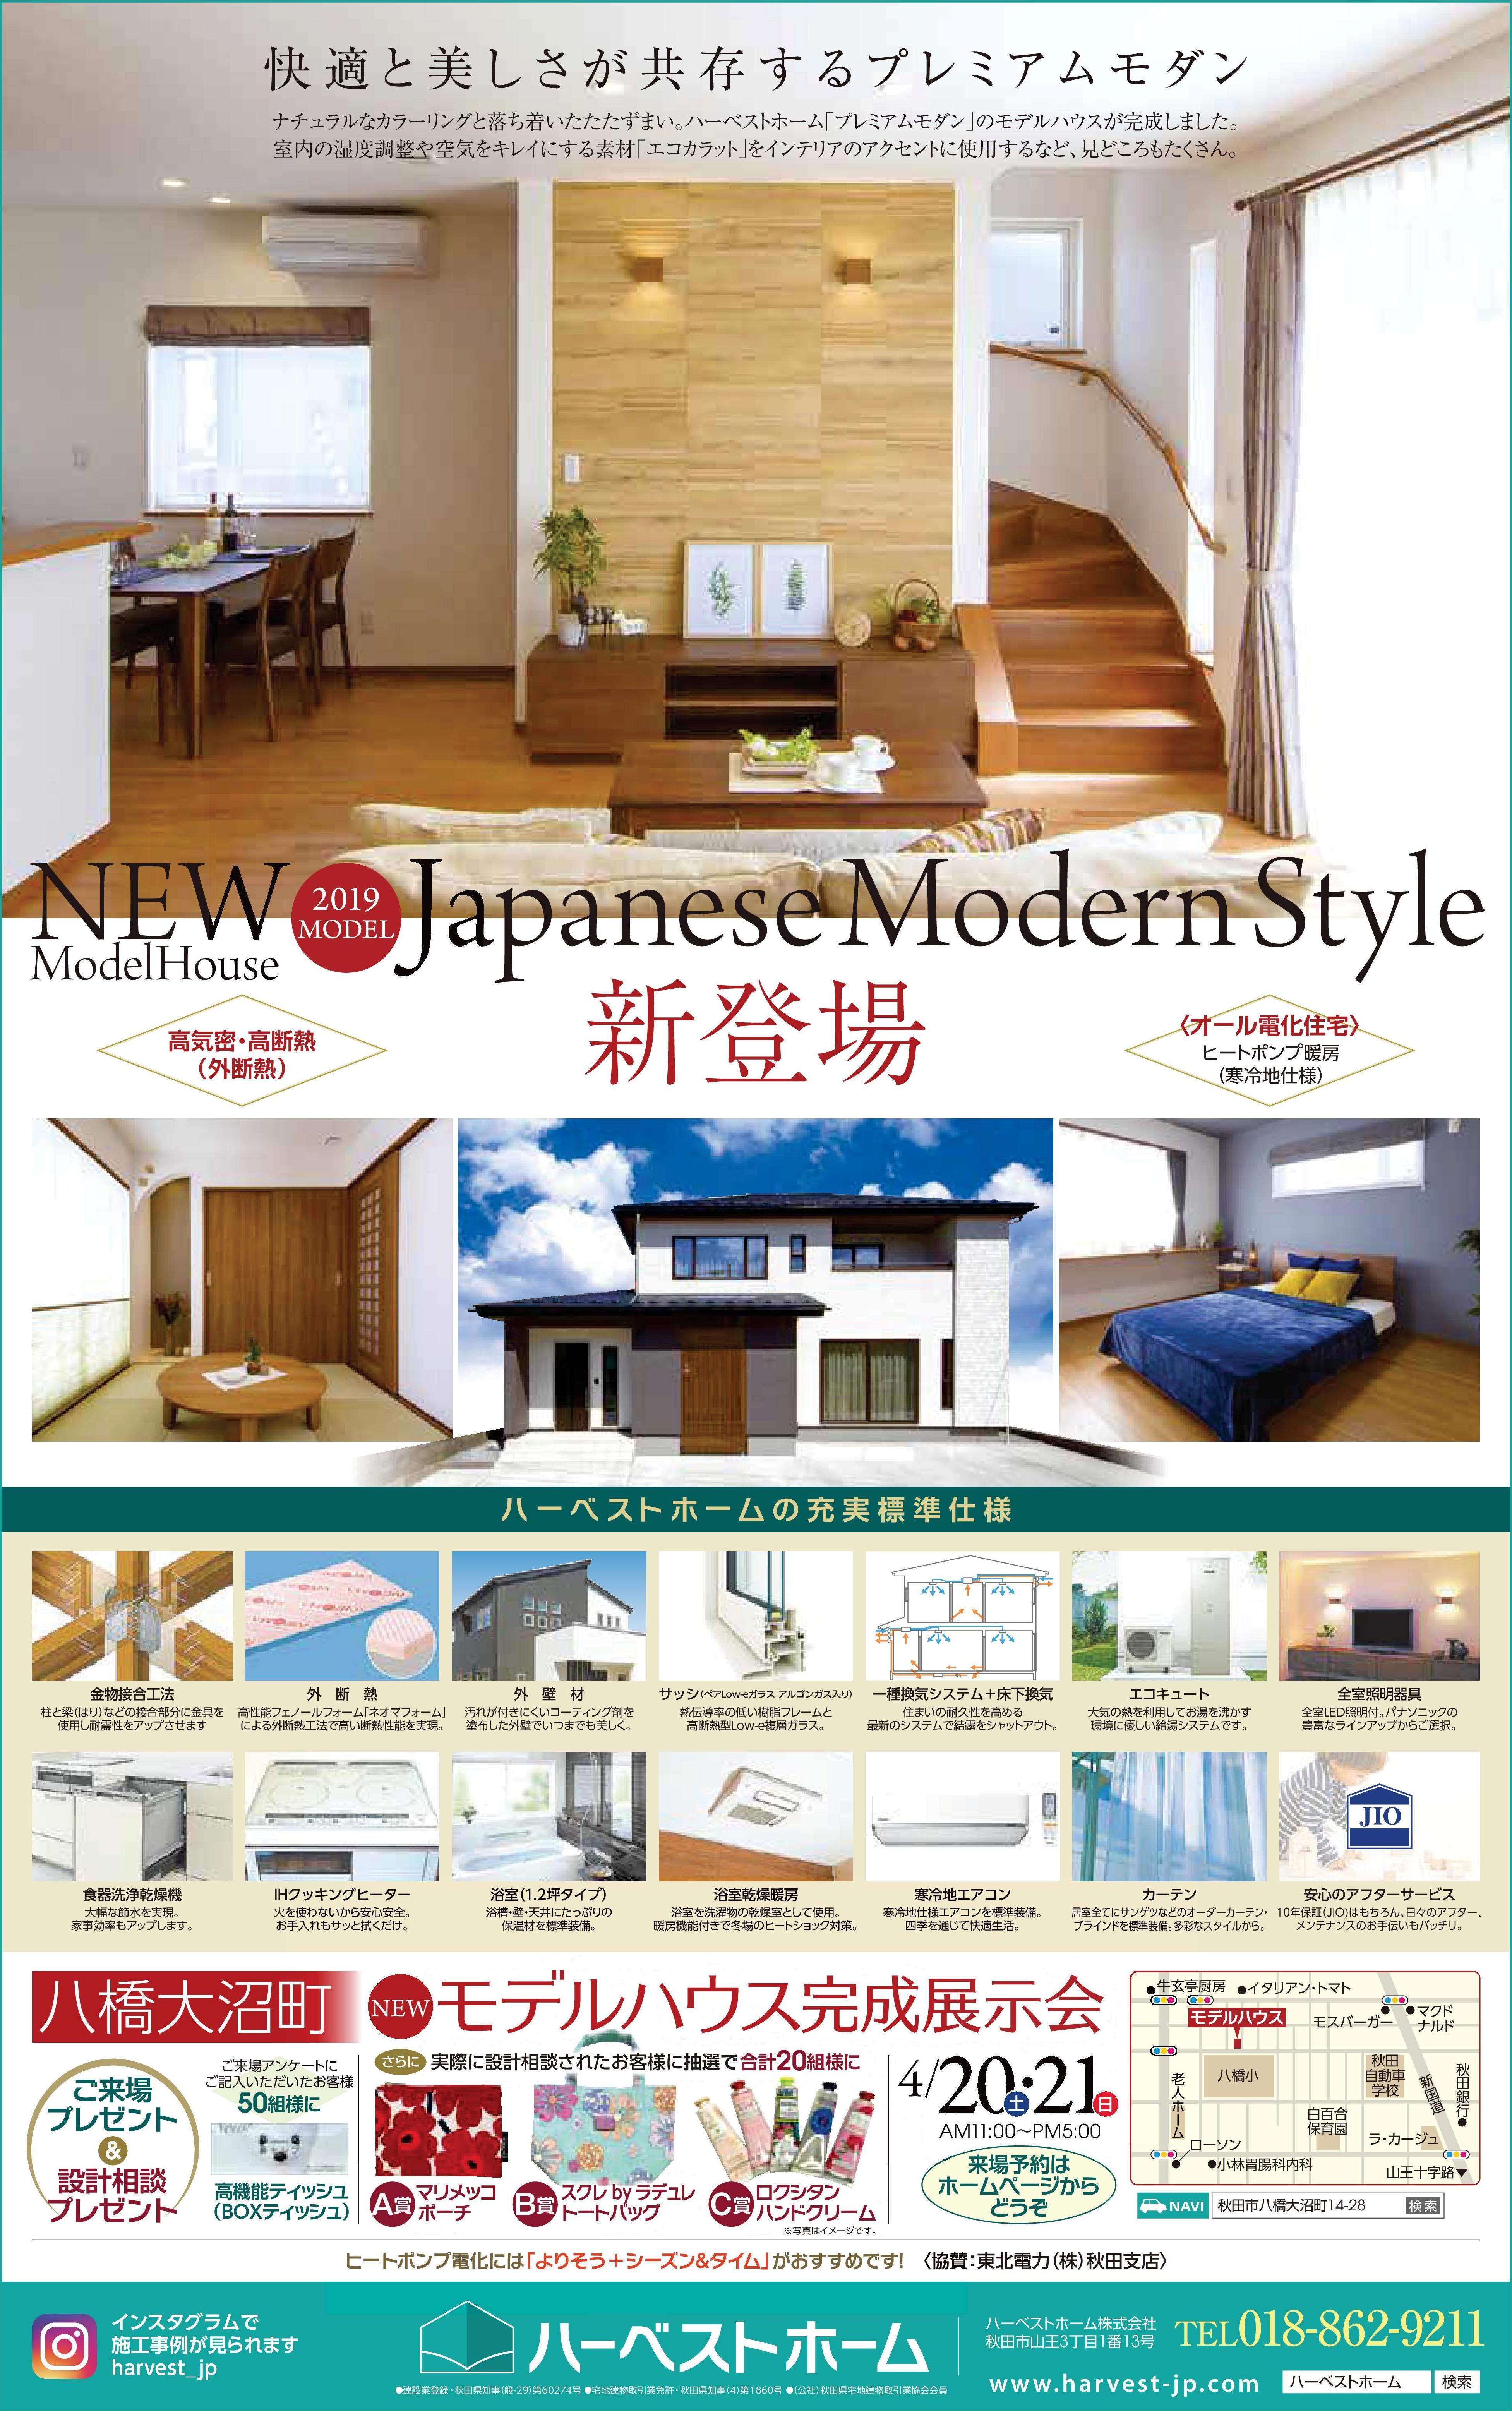 完成内覧会 4/20㈯・4/21㈰…新しいモデルハウスが出来ました!